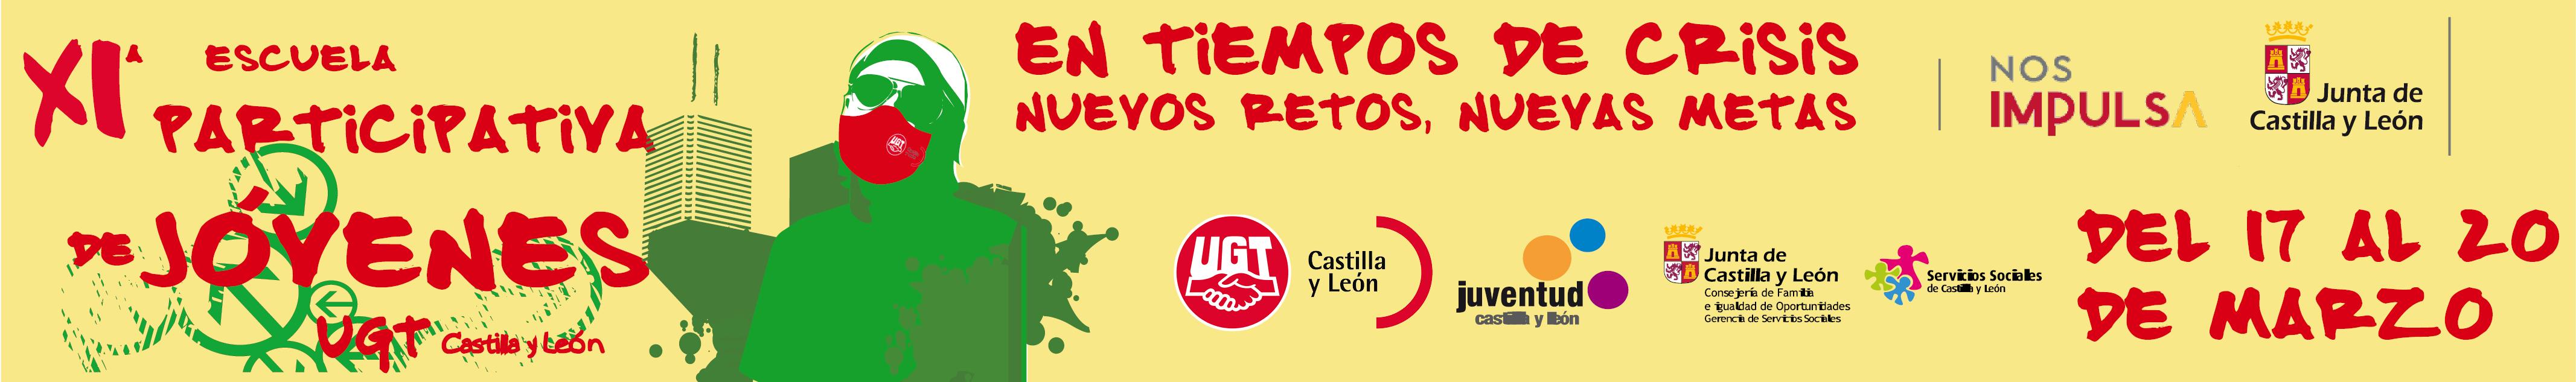 XIª Escuela Participativa de Juventud UGT Castilla y León